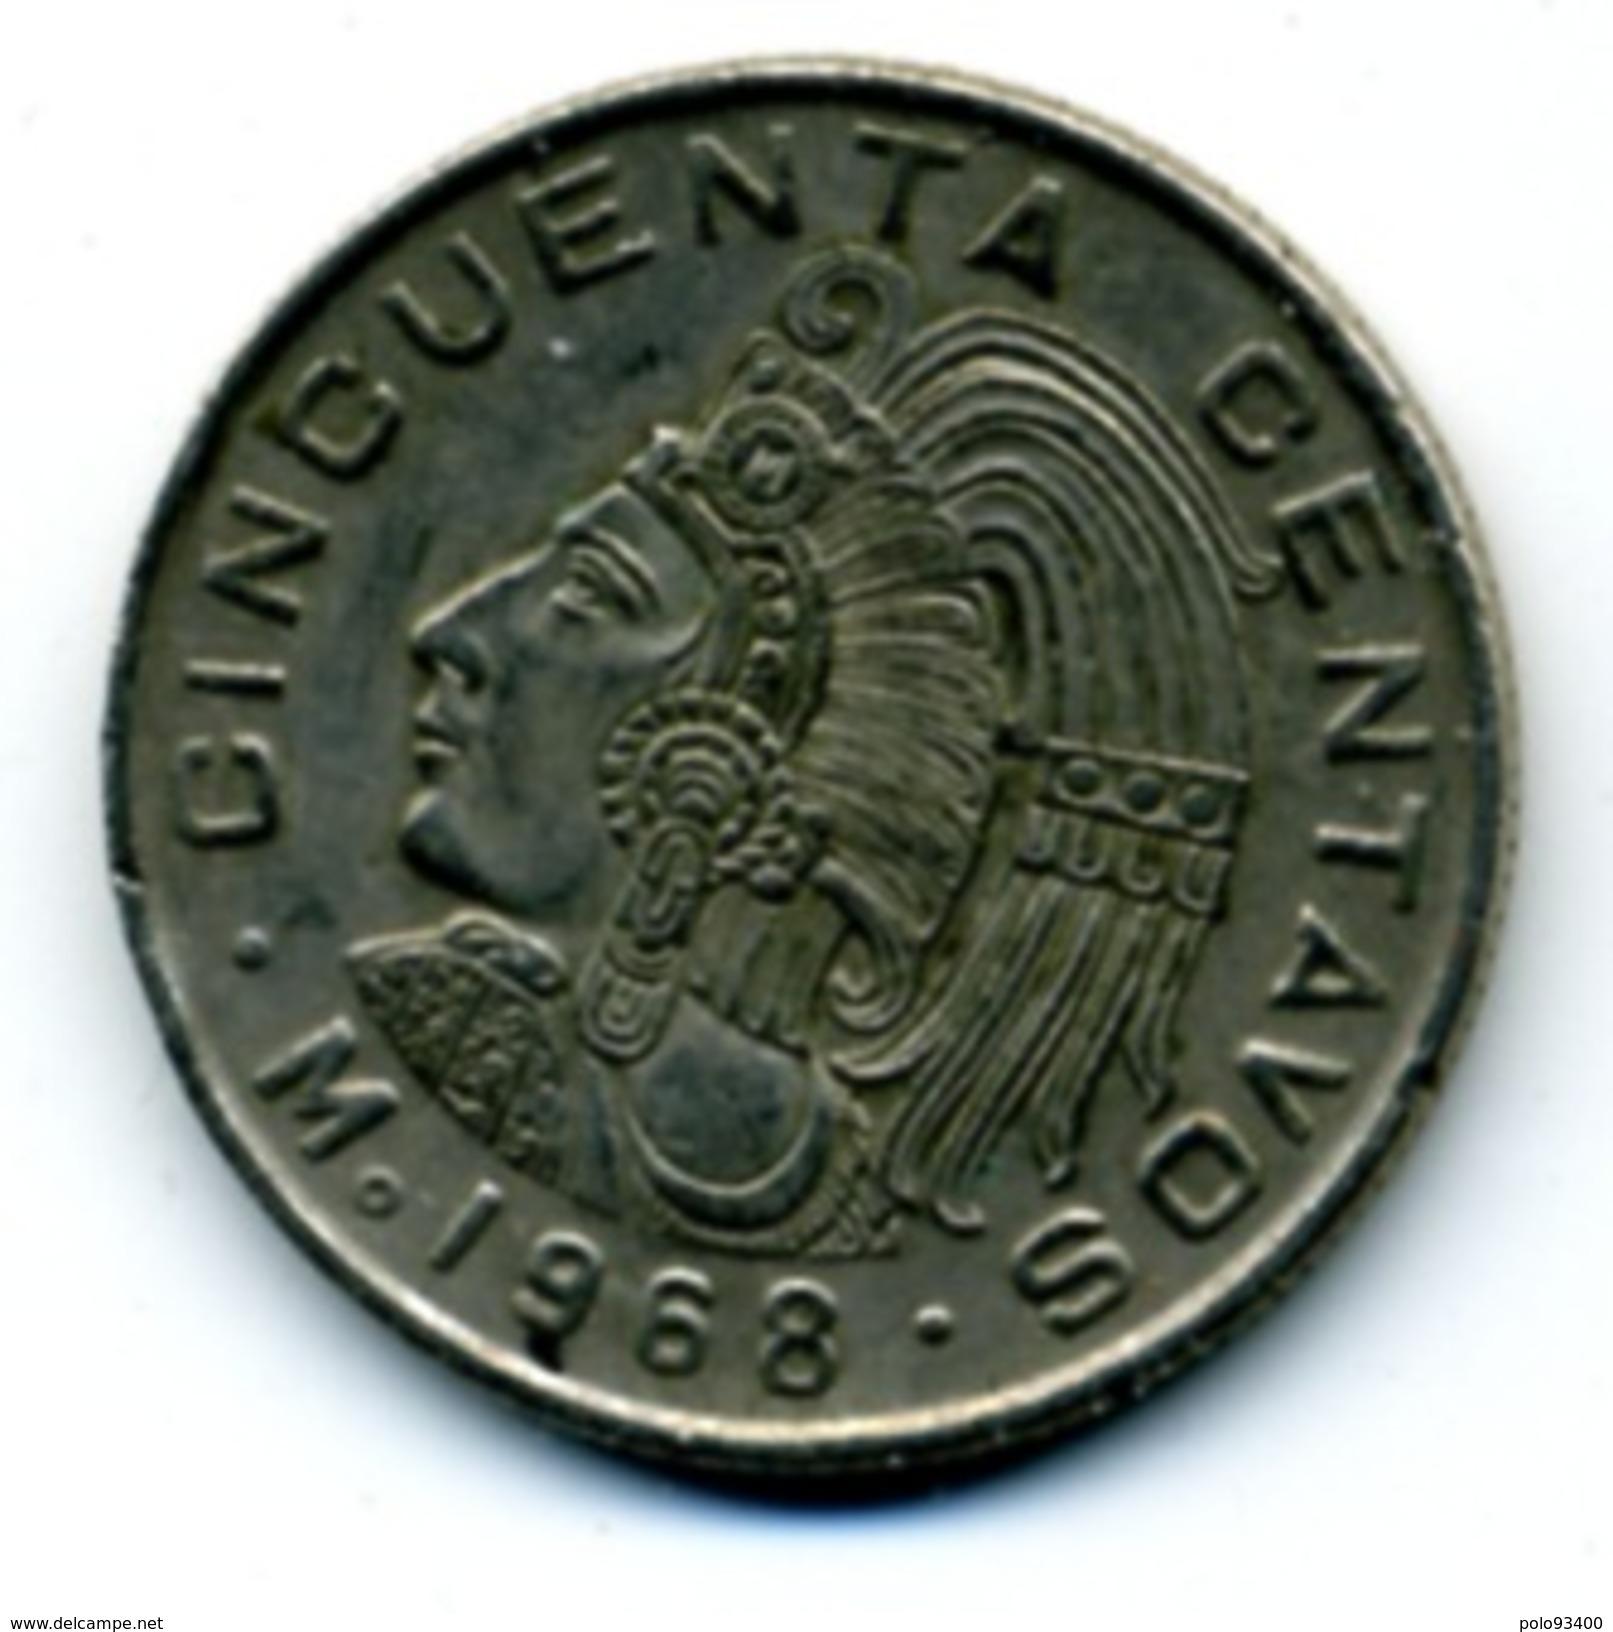 1968 50 CENTAVOS - Mexico